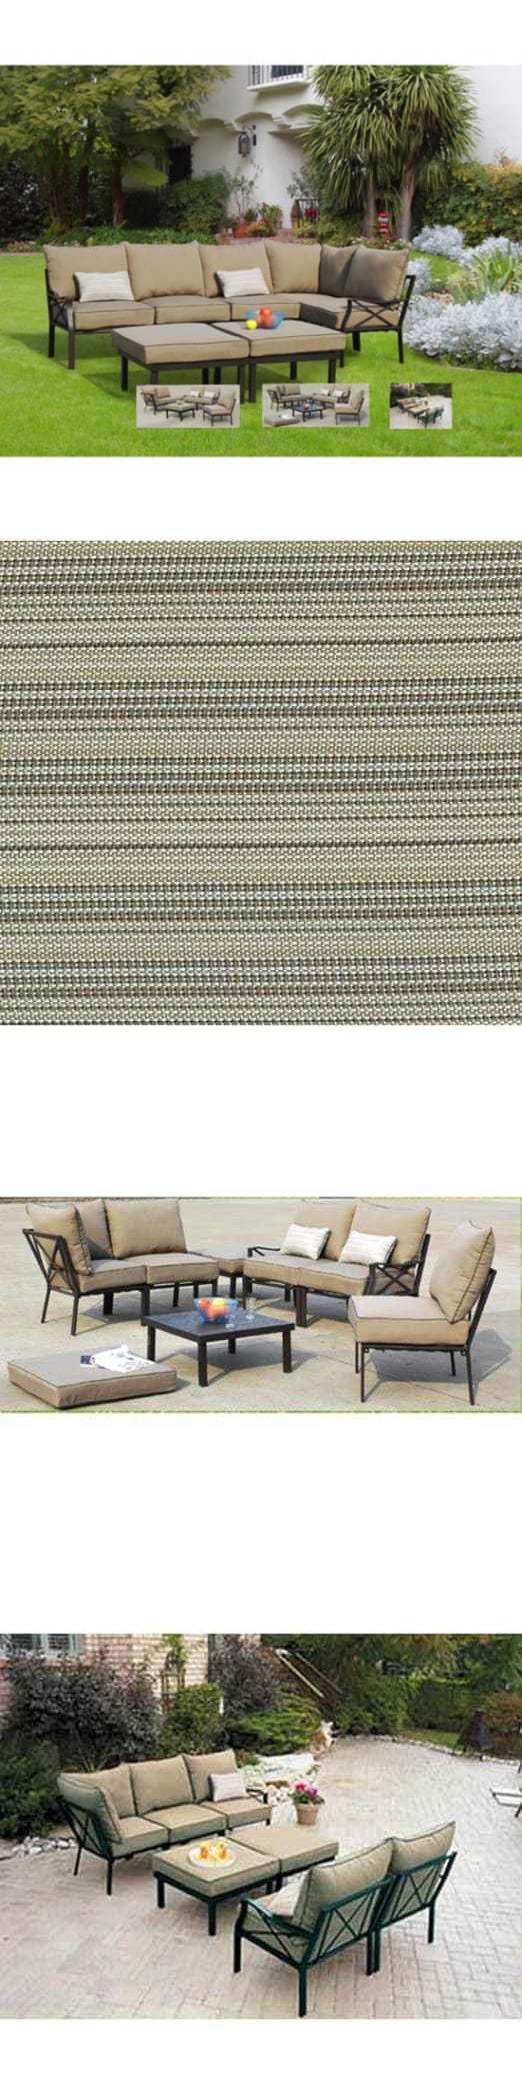 Patio And Garden Furniture Sets 139849 Mainstays Sandhill 7 Piece